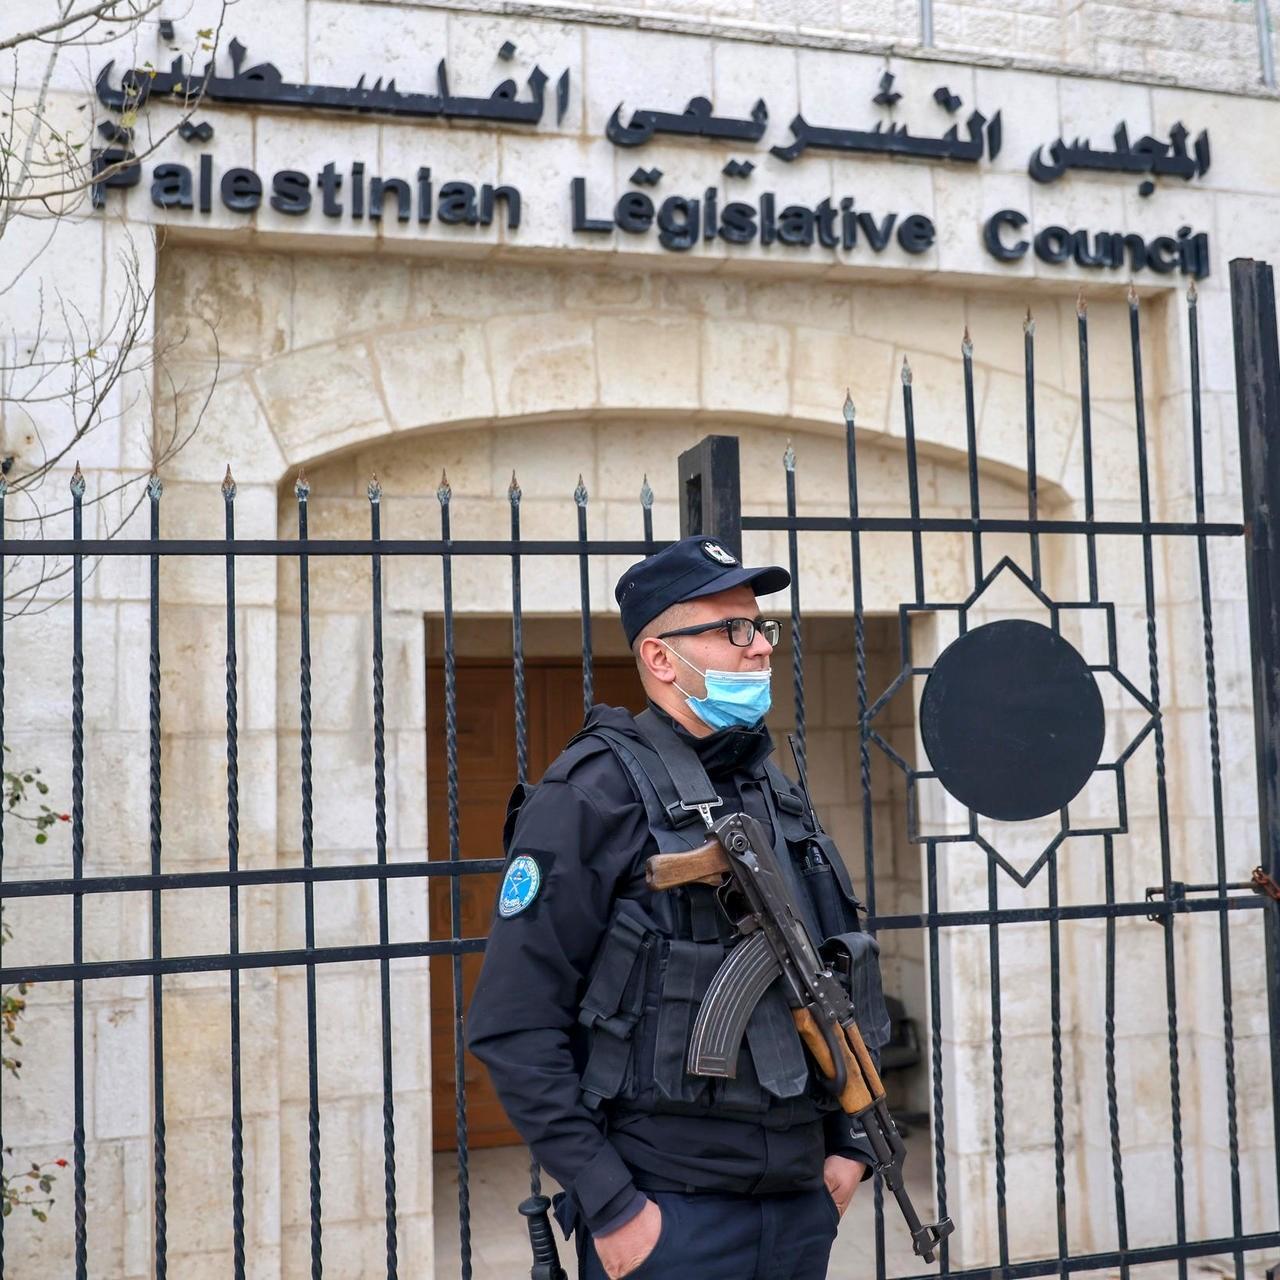 إنهاء الانقسام الفلسطيني كان يجب أن يسبق الانتخابات